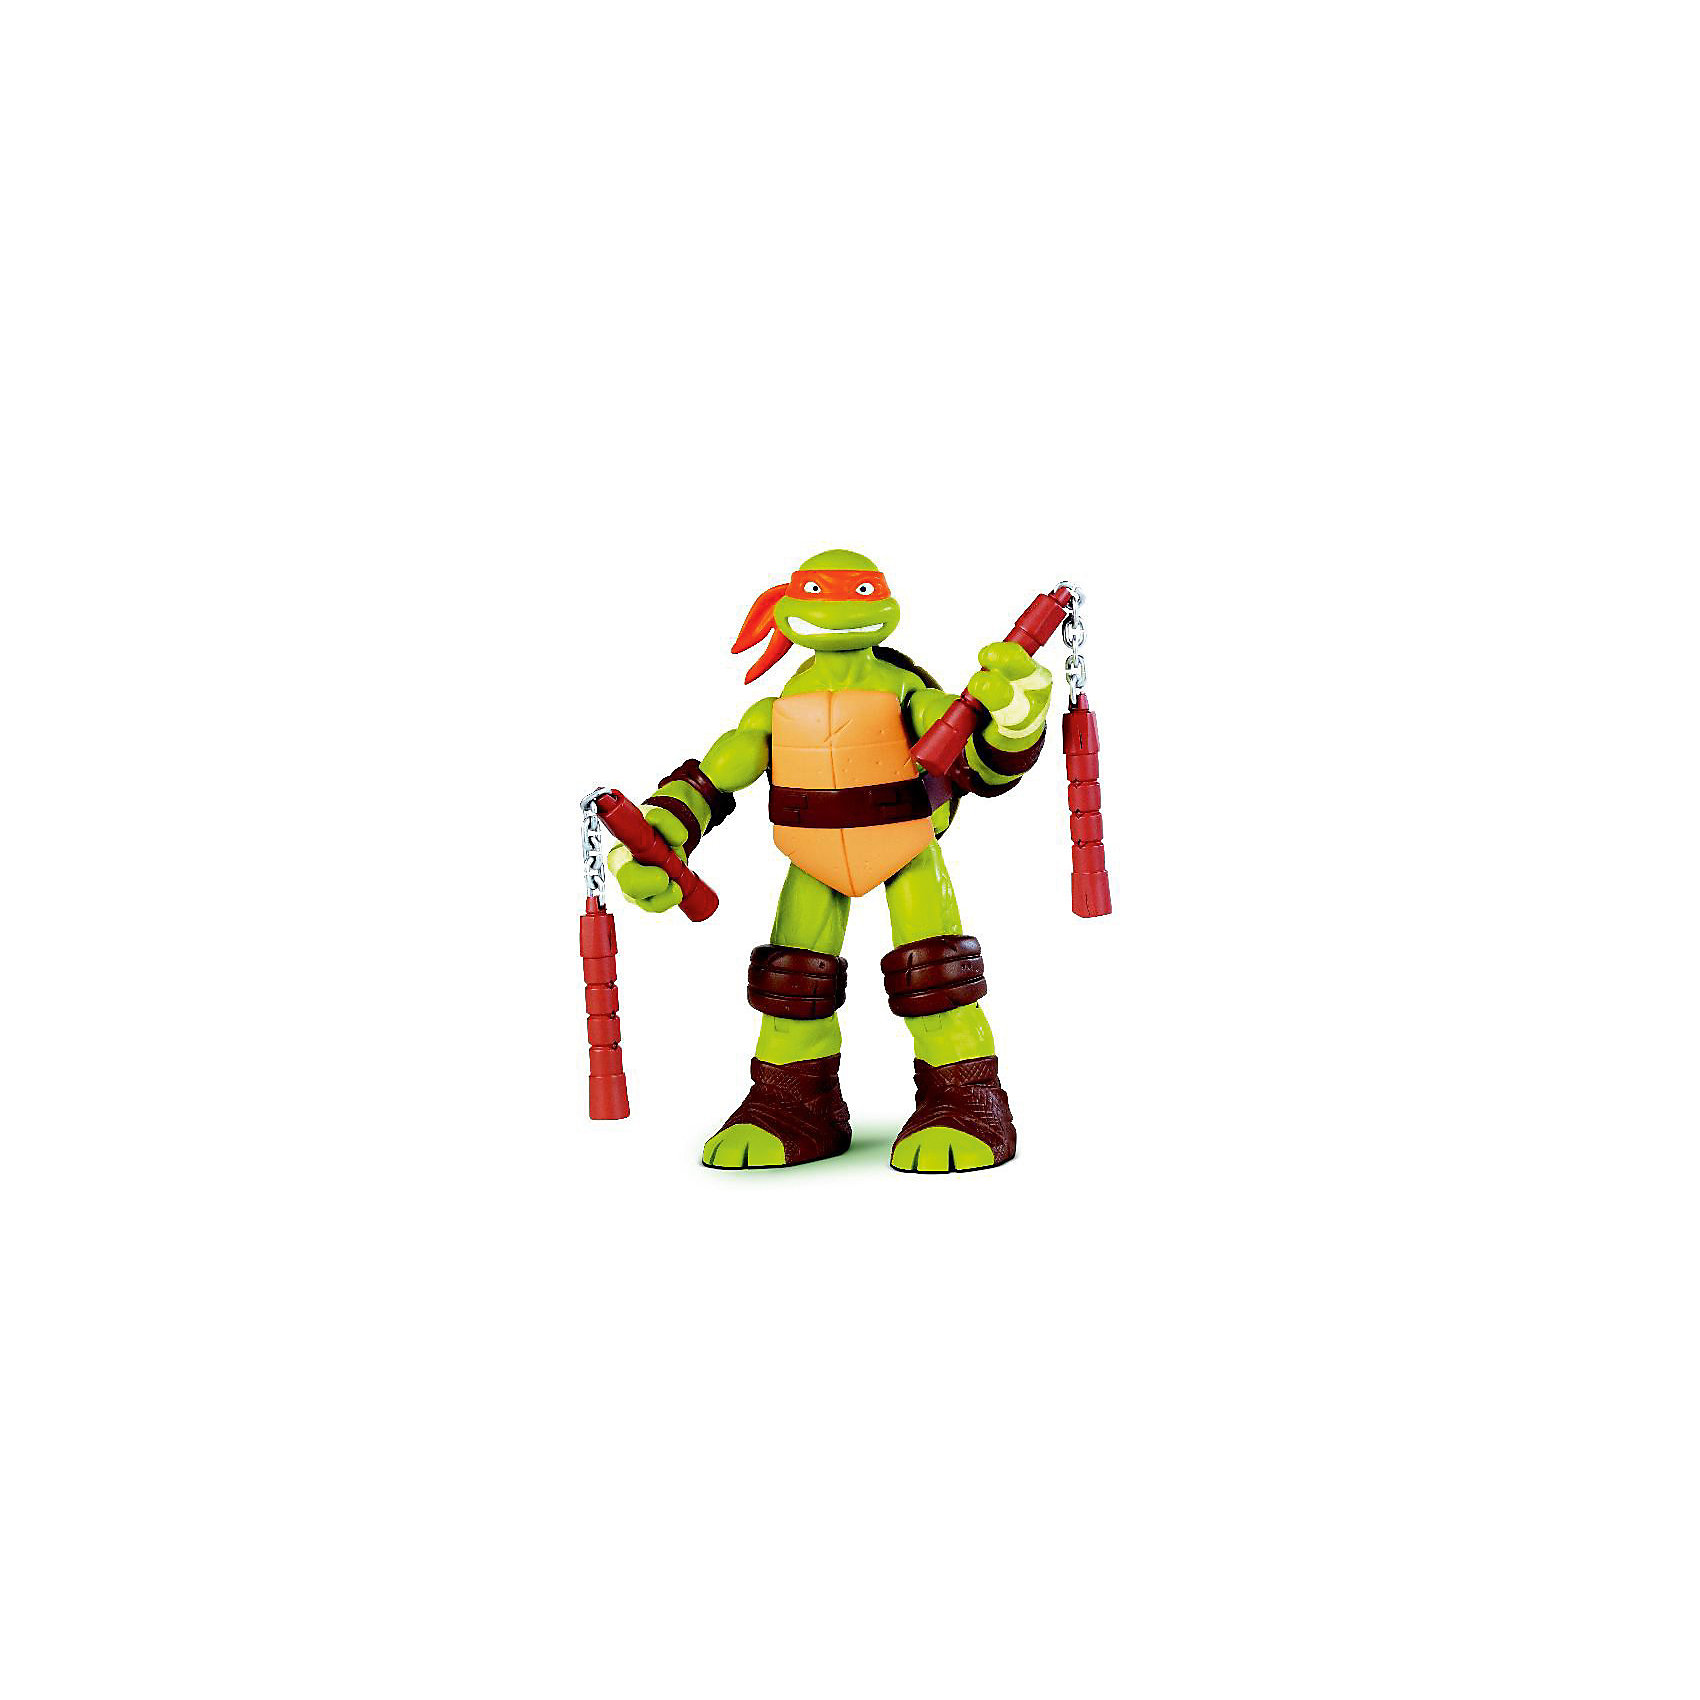 Фигурка Микеланджело, 28 см, Черепашки НиндзяФигурки героев<br>Самая большая фигурка серии Черепашки-Ниндзя (Ninja Turtles). <br>У Микельанджело открывается панцирь и в него можно складывать оружие и аксессуары. <br>В комплекте по мимо аутентичного оружия есть также дополнительное оружие для каждого героя и метательные звездочки -сюрикены.<br> <br>Размер упаковки: 35*53*27 см<br><br>Ширина мм: 255<br>Глубина мм: 310<br>Высота мм: 125<br>Вес г: 1076<br>Возраст от месяцев: 48<br>Возраст до месяцев: 132<br>Пол: Мужской<br>Возраст: Детский<br>SKU: 3289002